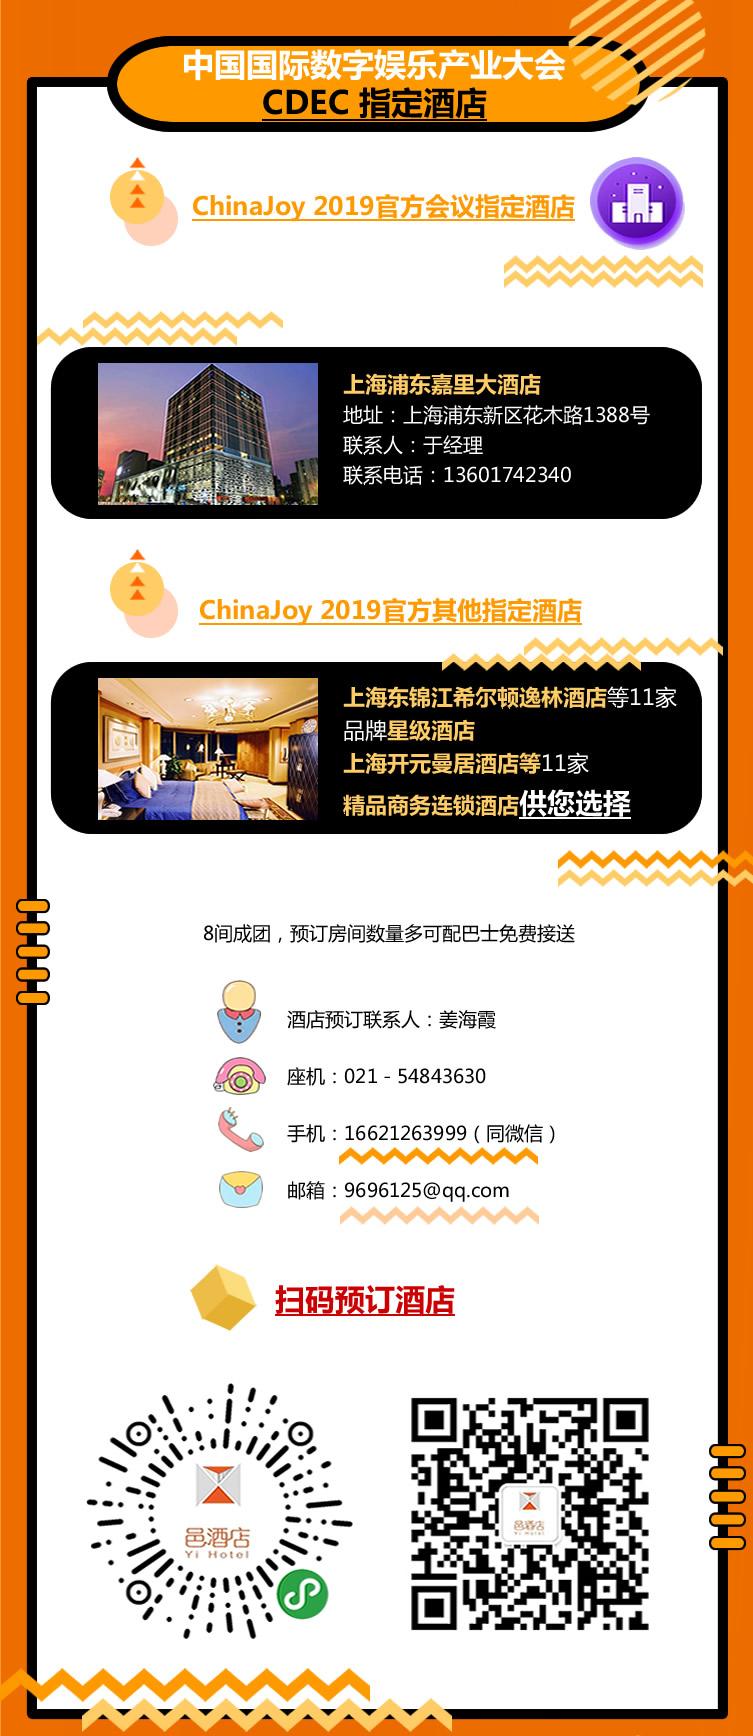 2019年第十七届ChinaJoy展前预览正式发布